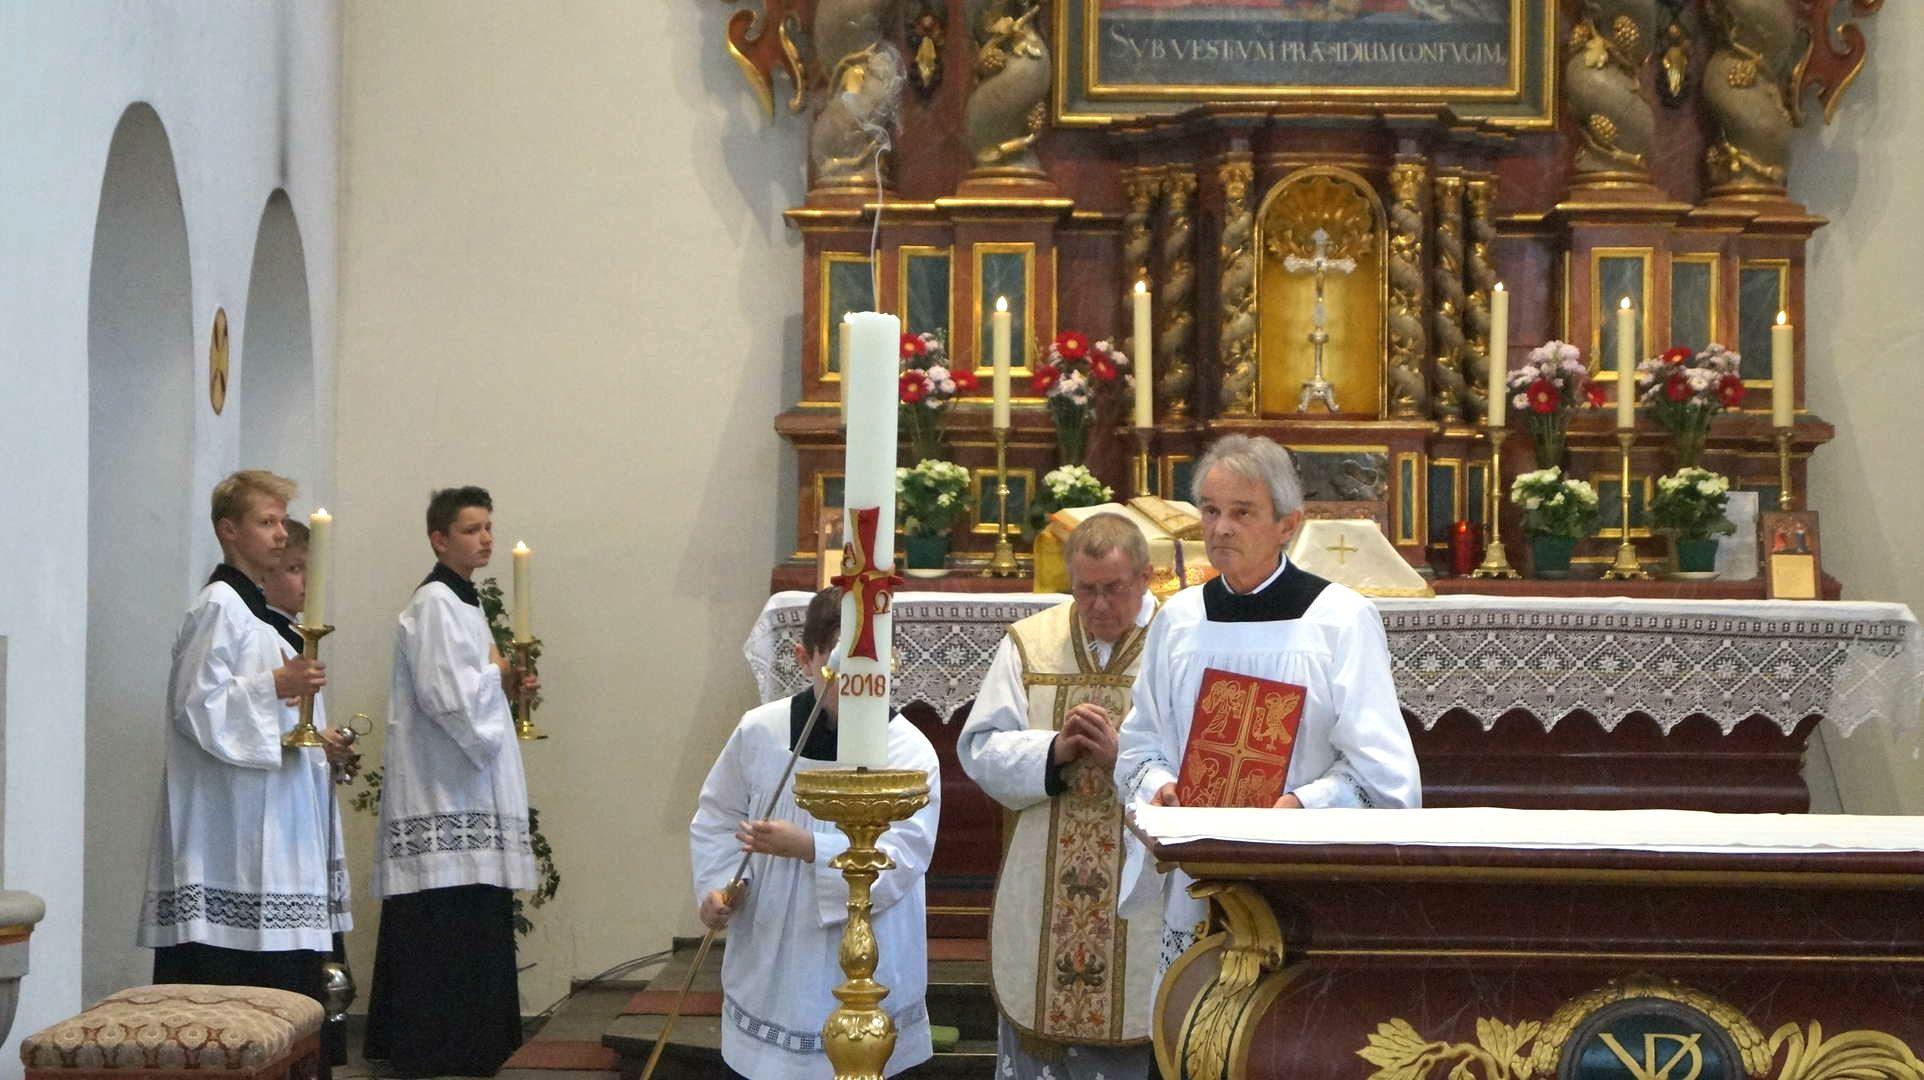 In Ascensione Domini - Christi Himmelfahrt 2018